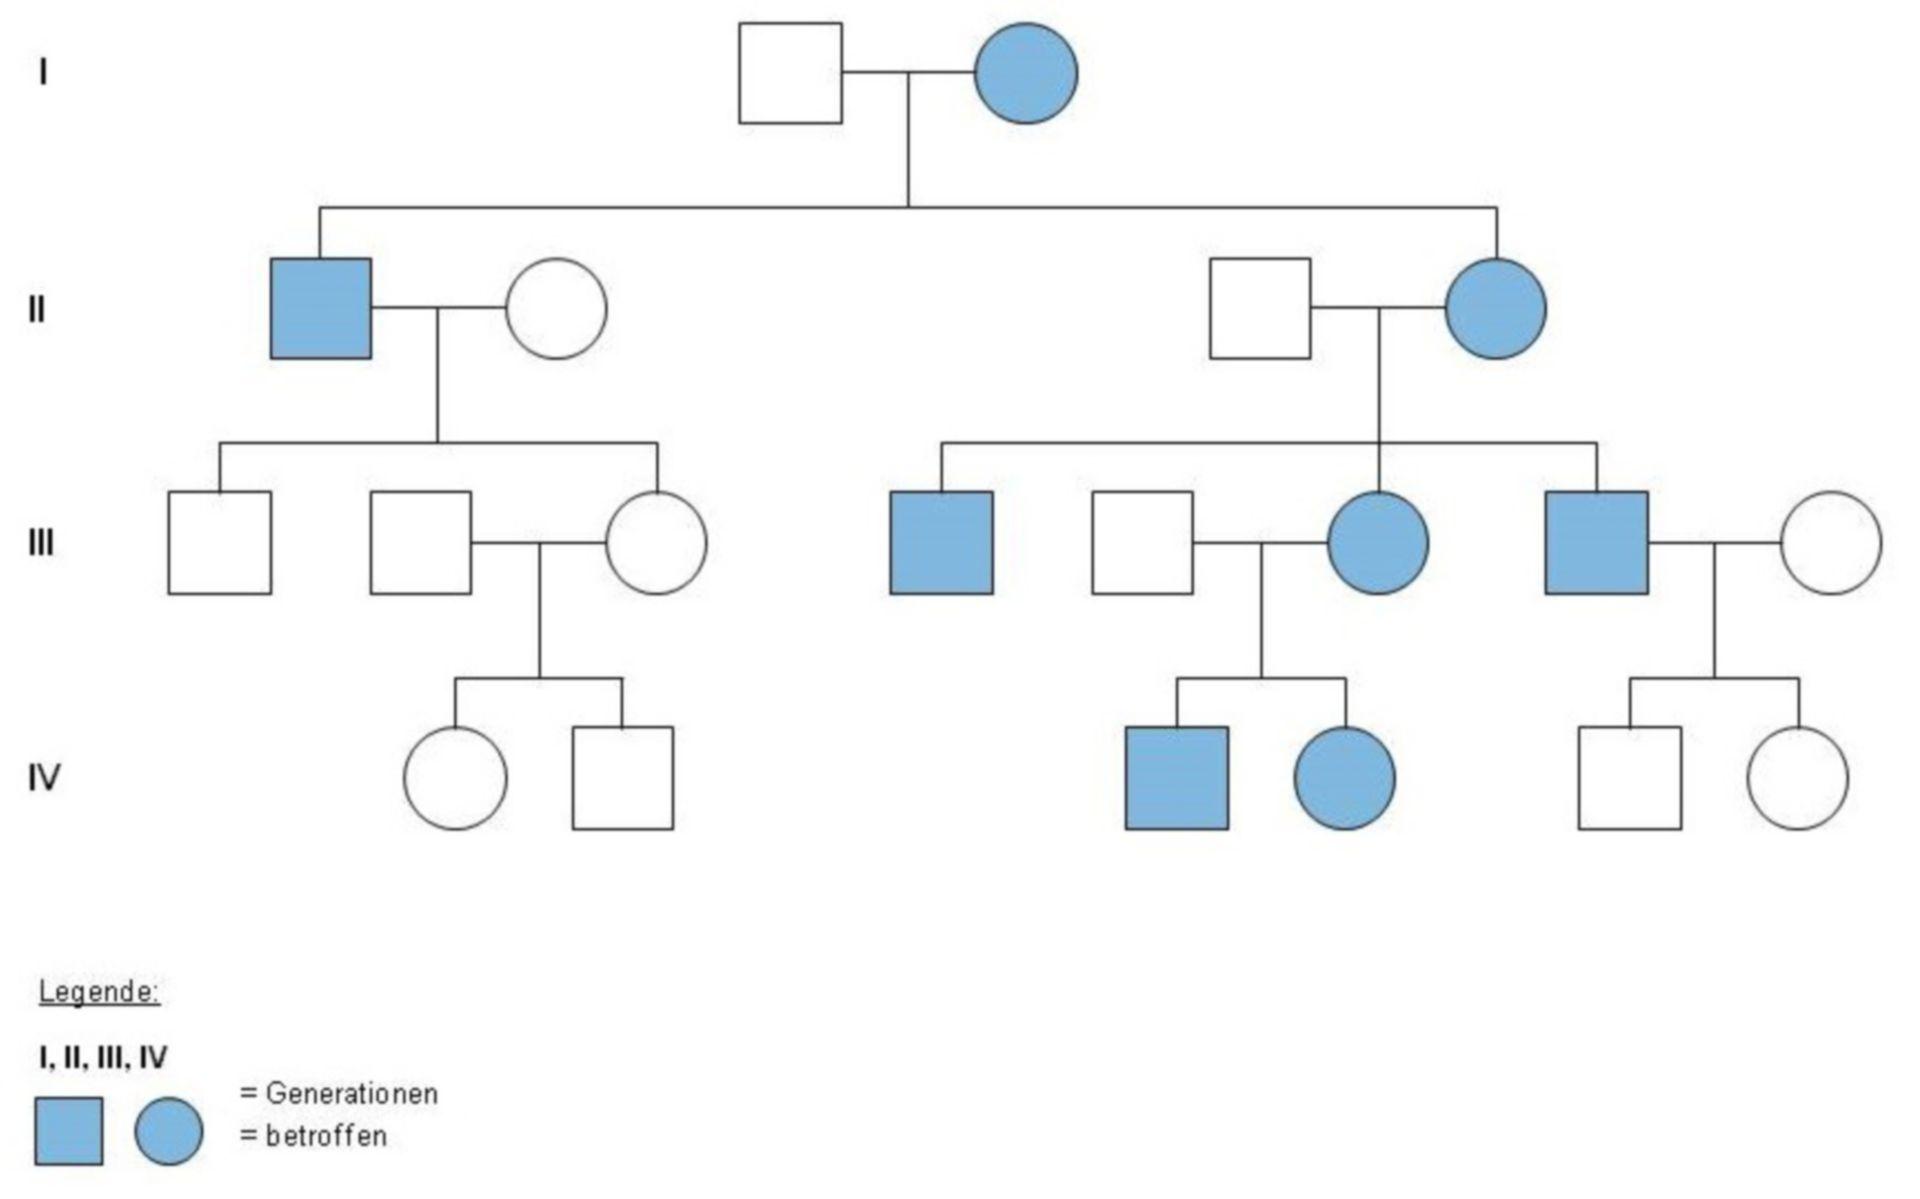 Arbol genealógico (enfermedad mitocondrial)